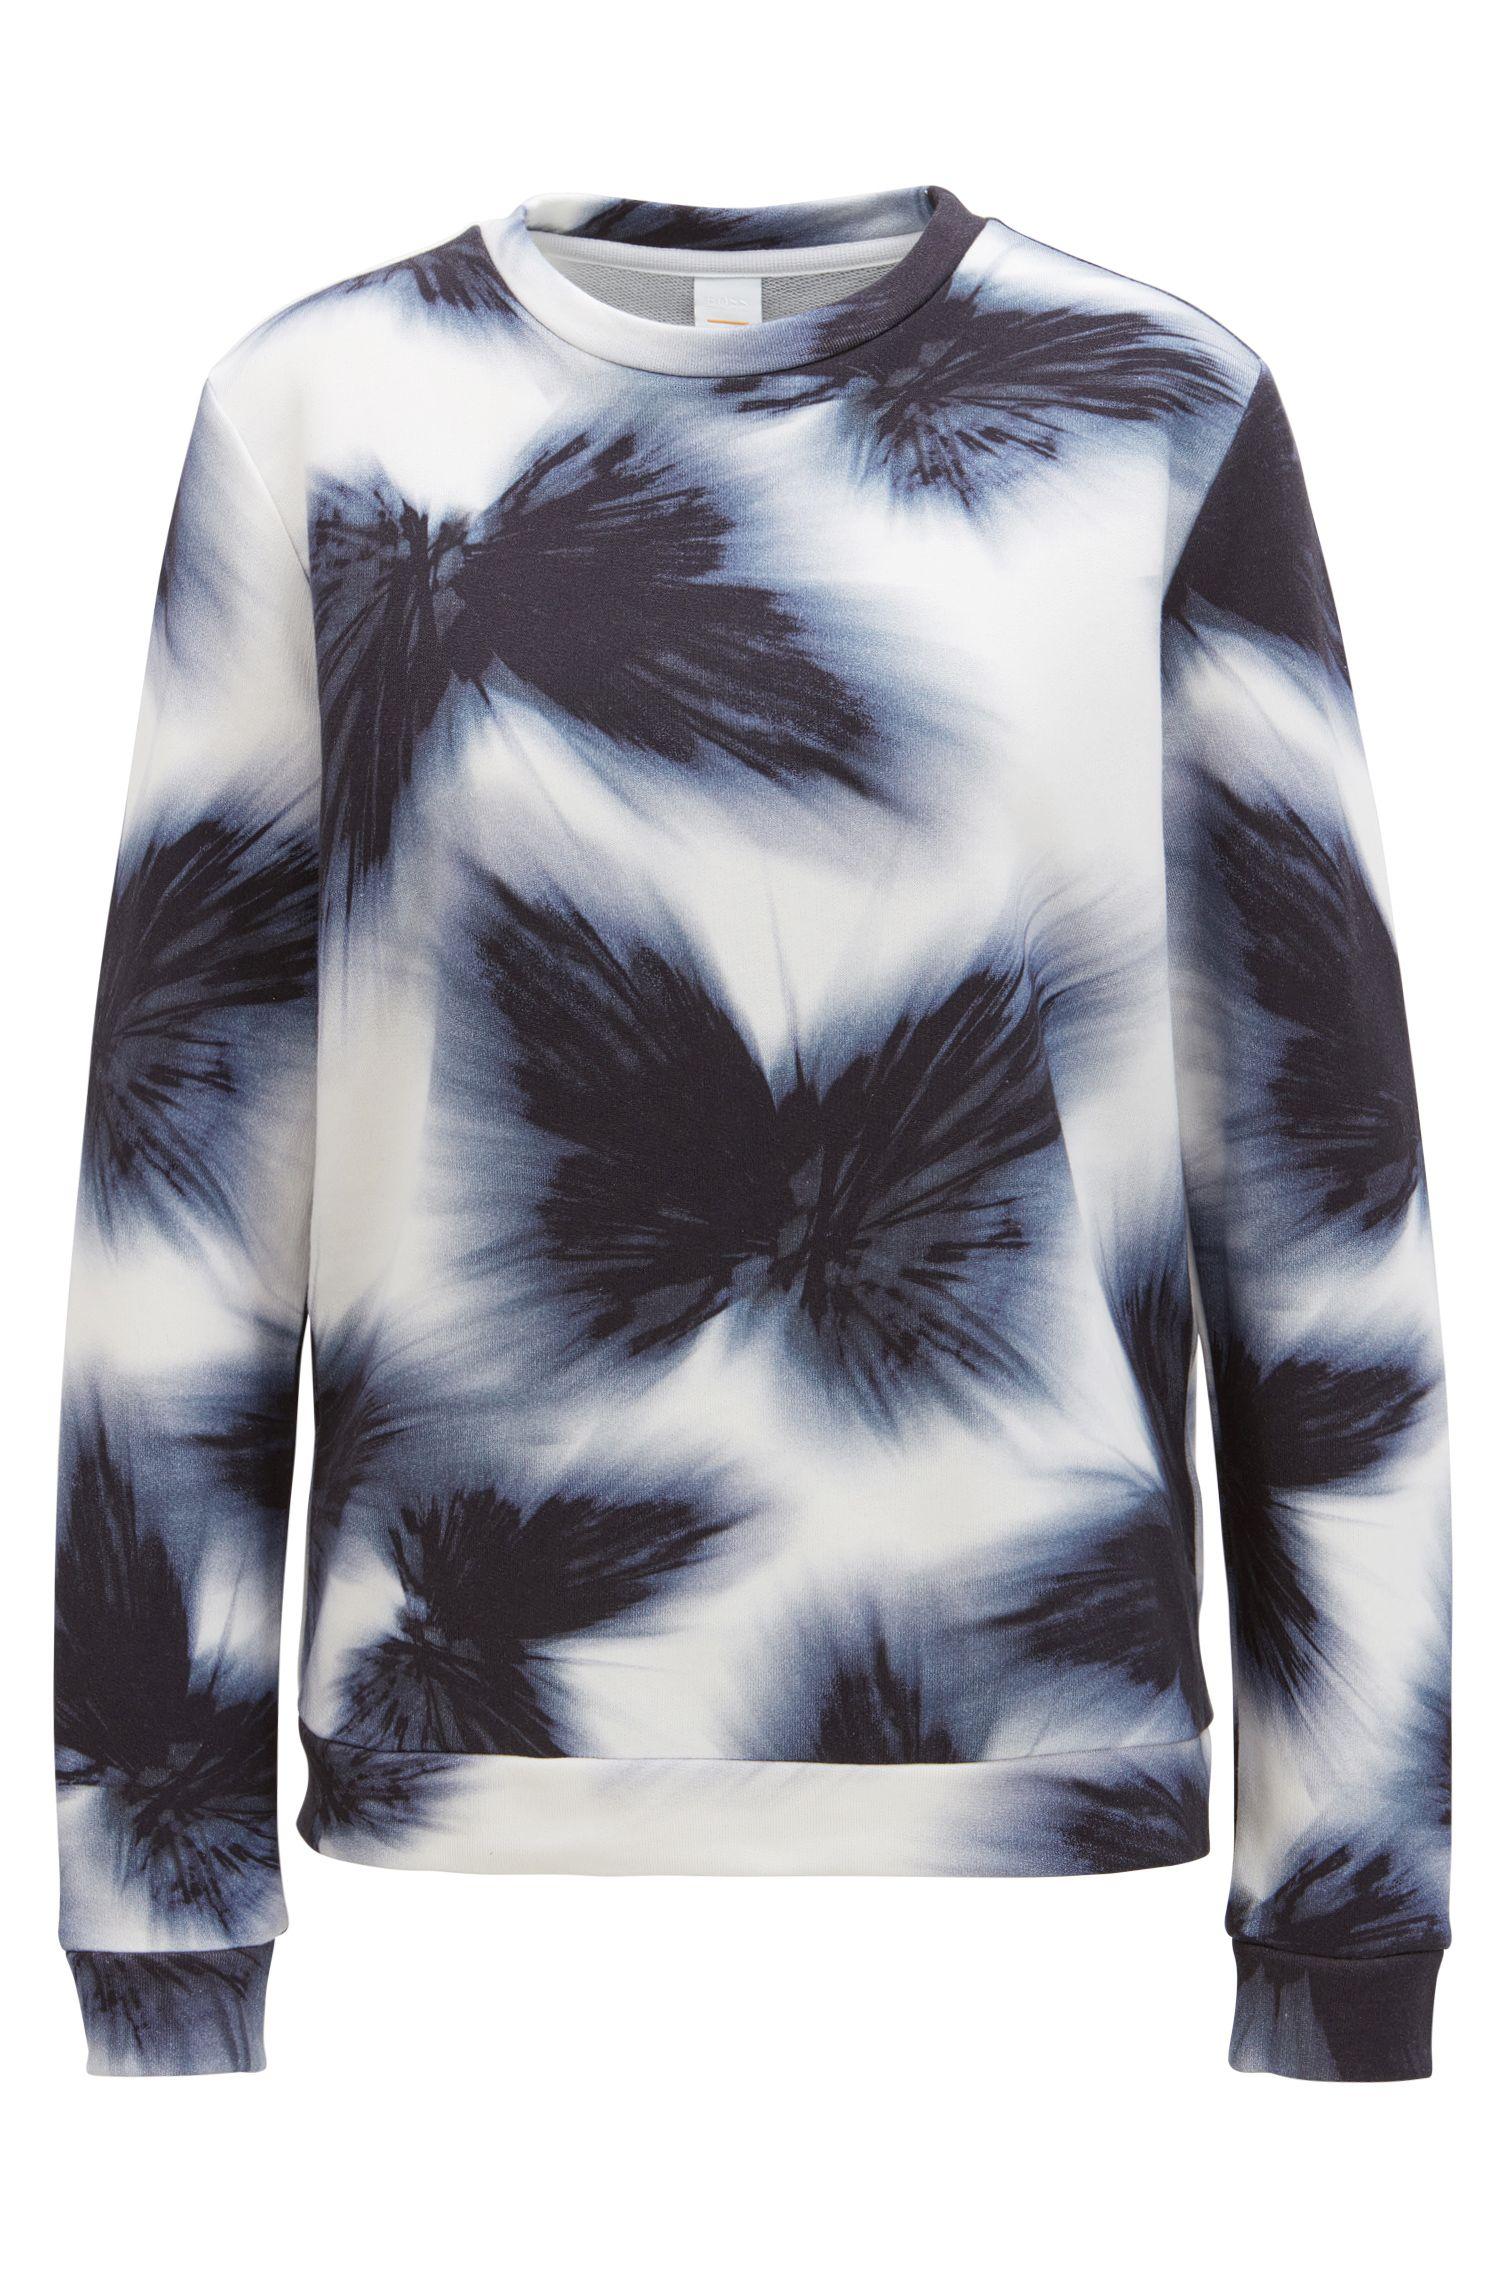 Meerkleurige trui van badstof van een katoenmix